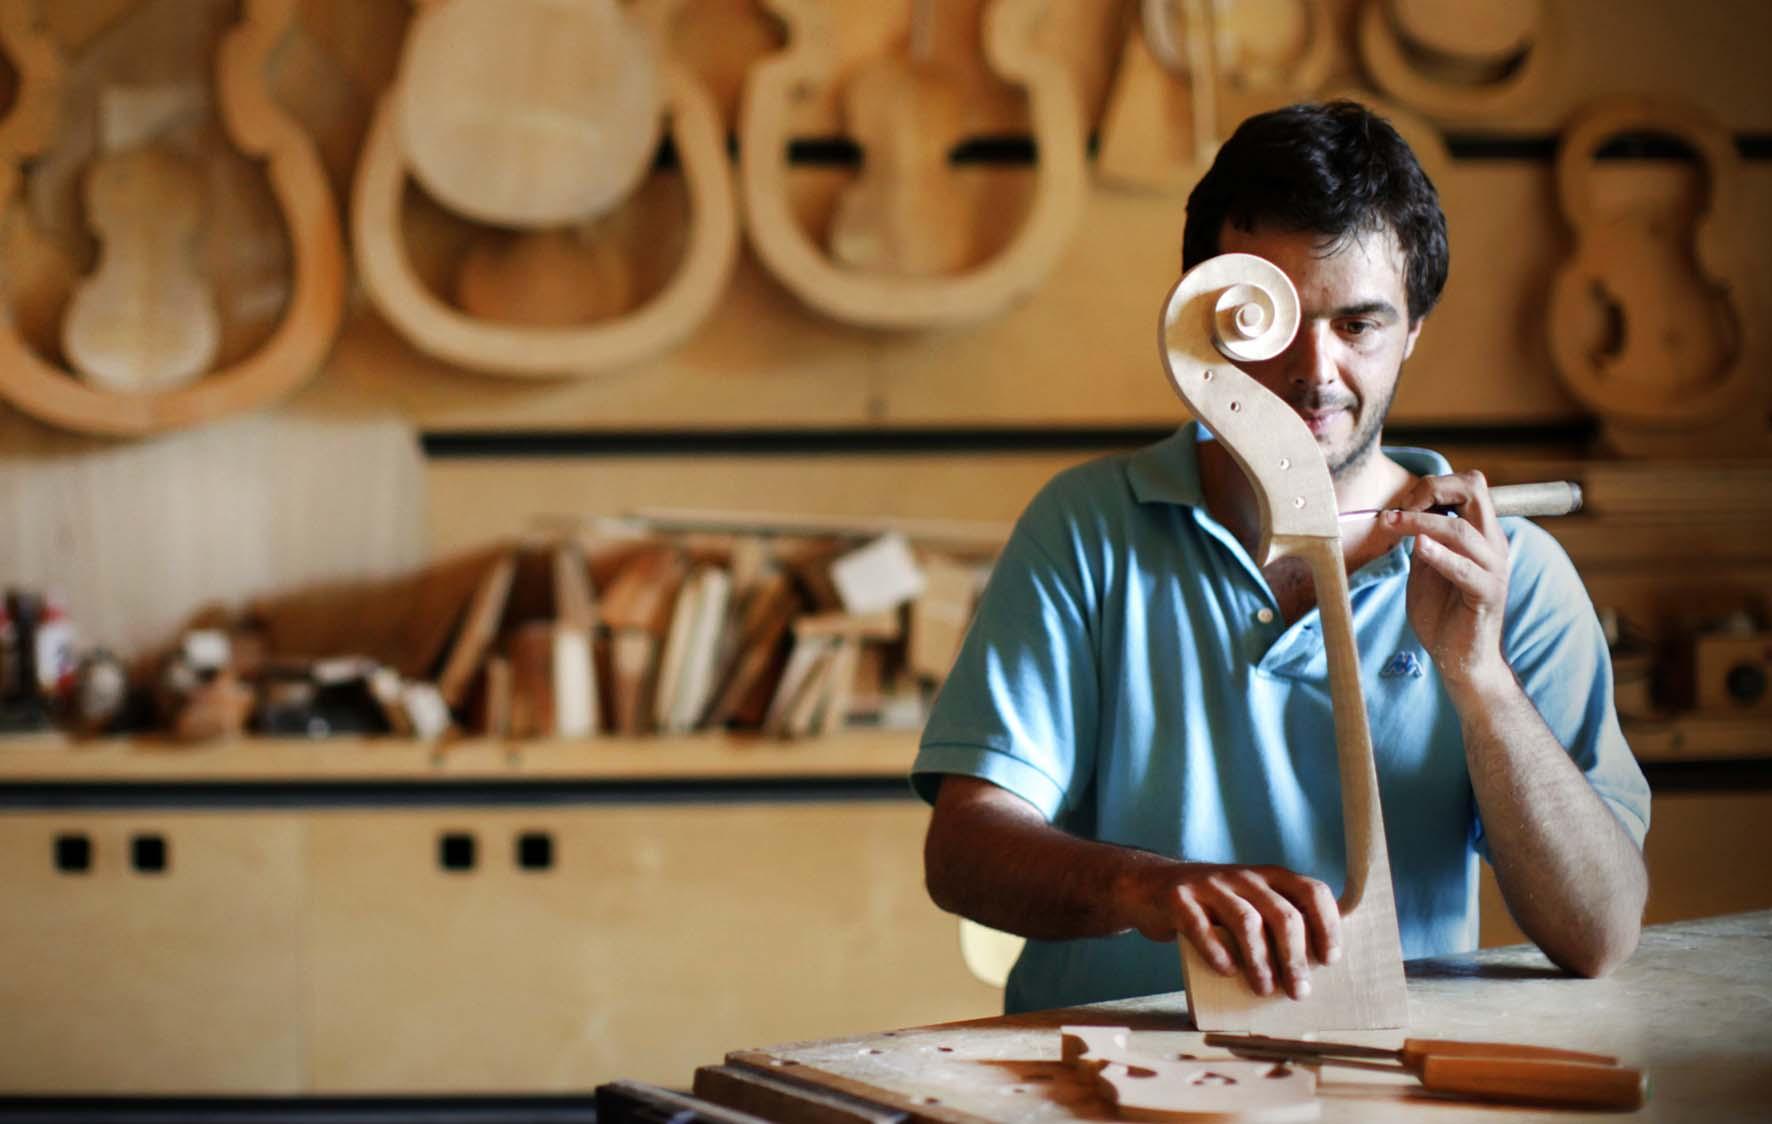 Trentino Alto Adige Artigianato unioncamere: nell'artigianato 2.500 imprese in più nel 2